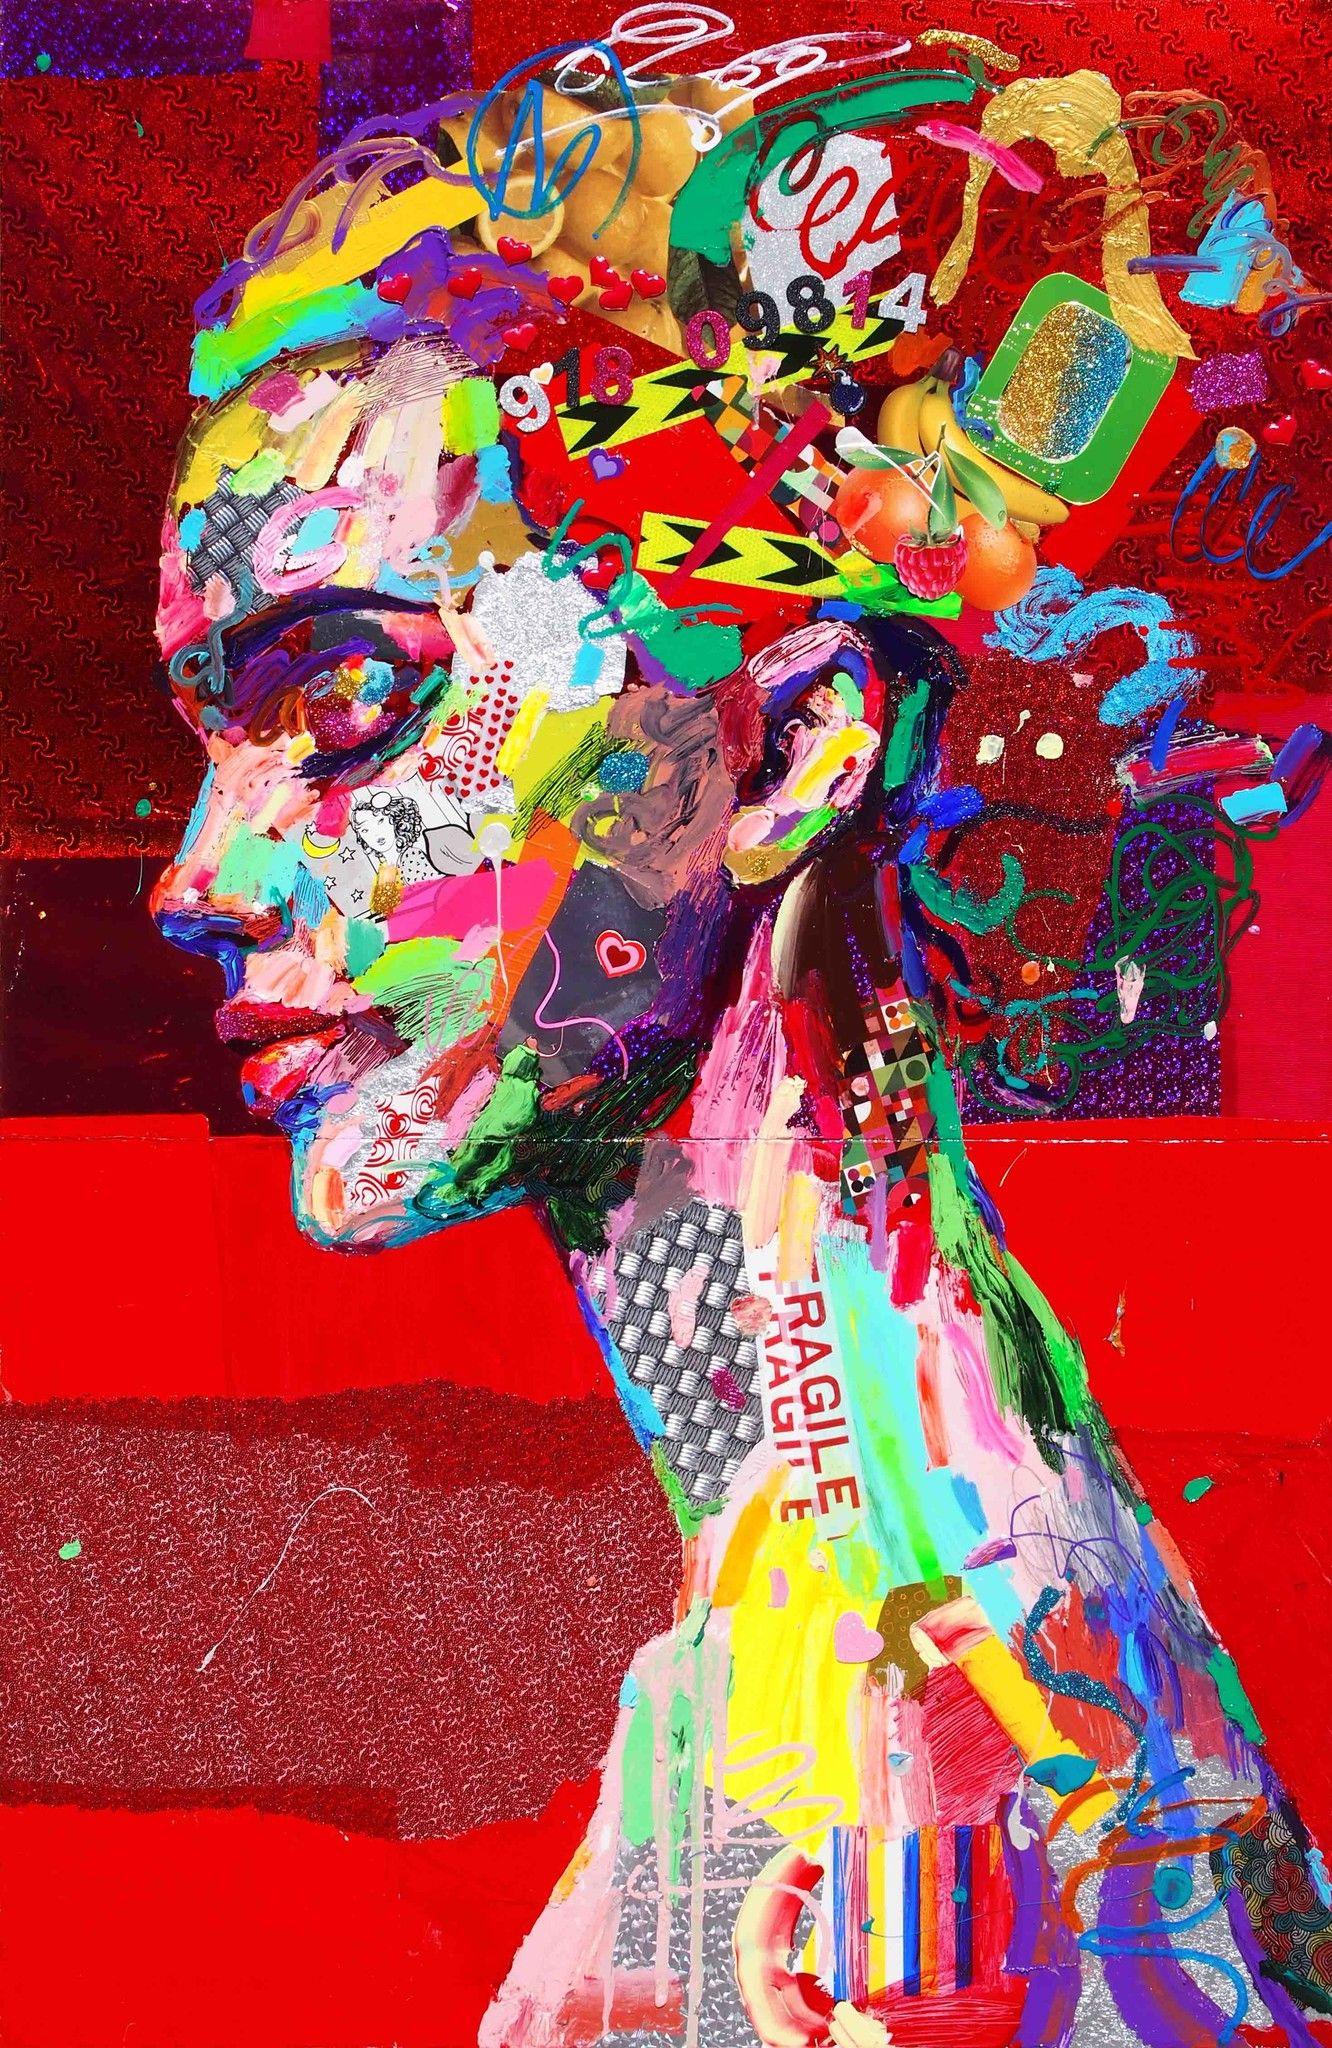 MIXED MEDIA  ANTONIO MURGIA ' WIZARD APPRENTICE '  dimensione L 120 x H 180 cm. (dittico)